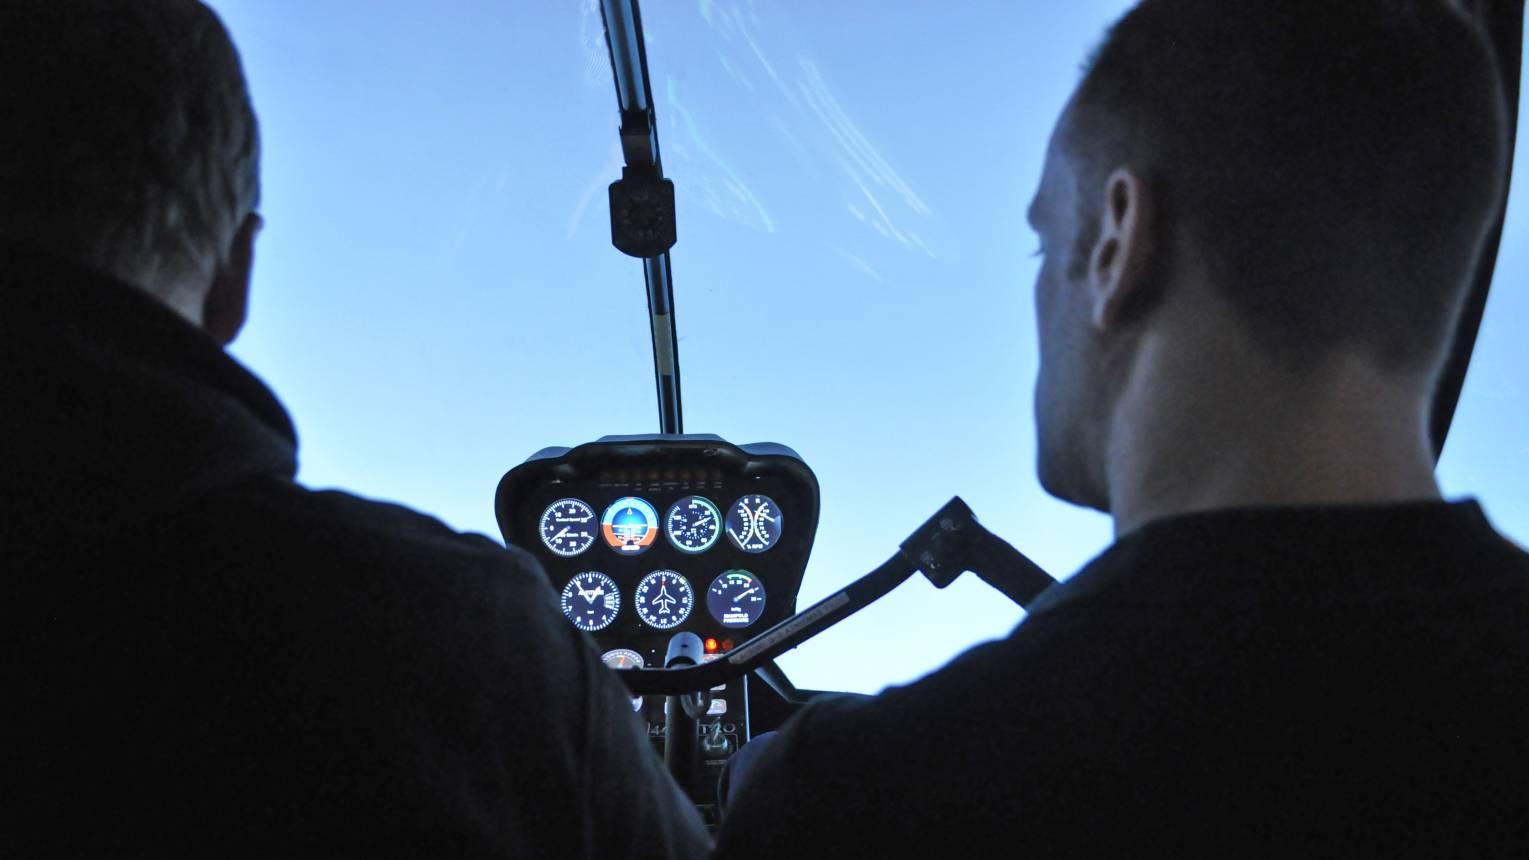 Helikopter szimulátor vezetés